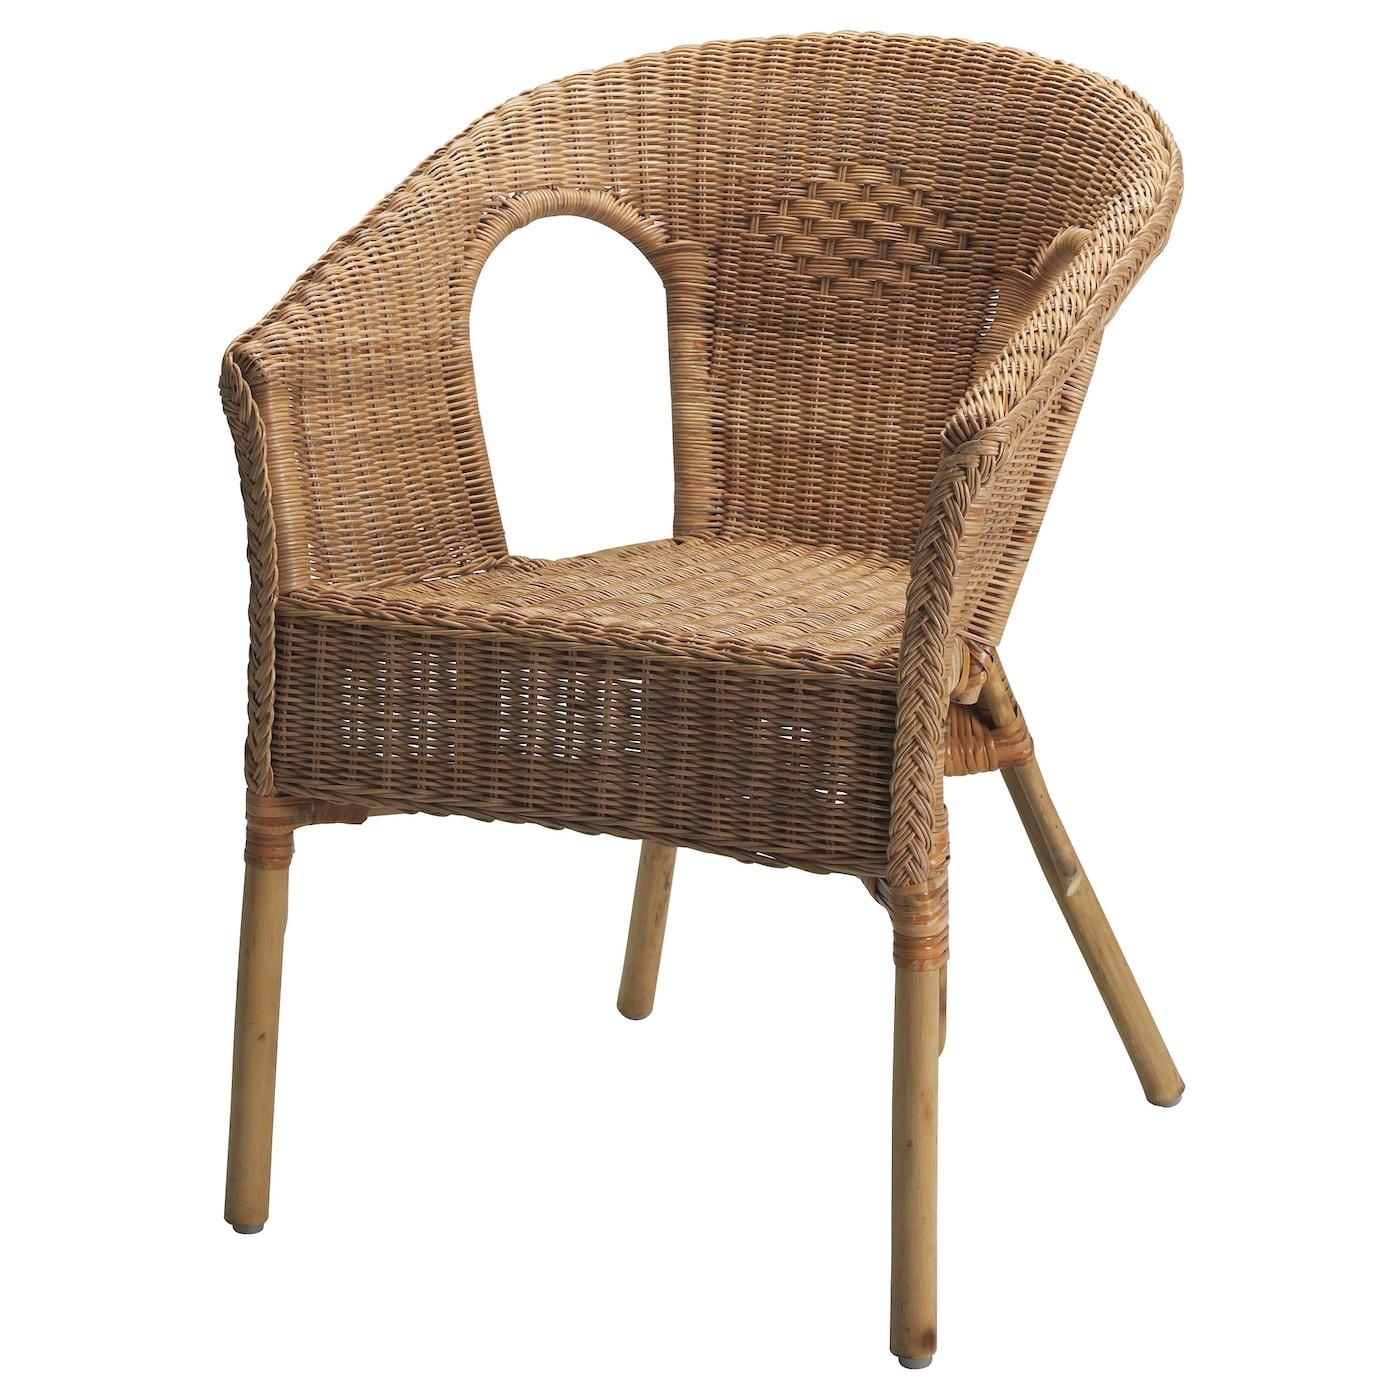 AGEN Fauteuil, rotin, bambou IKEA